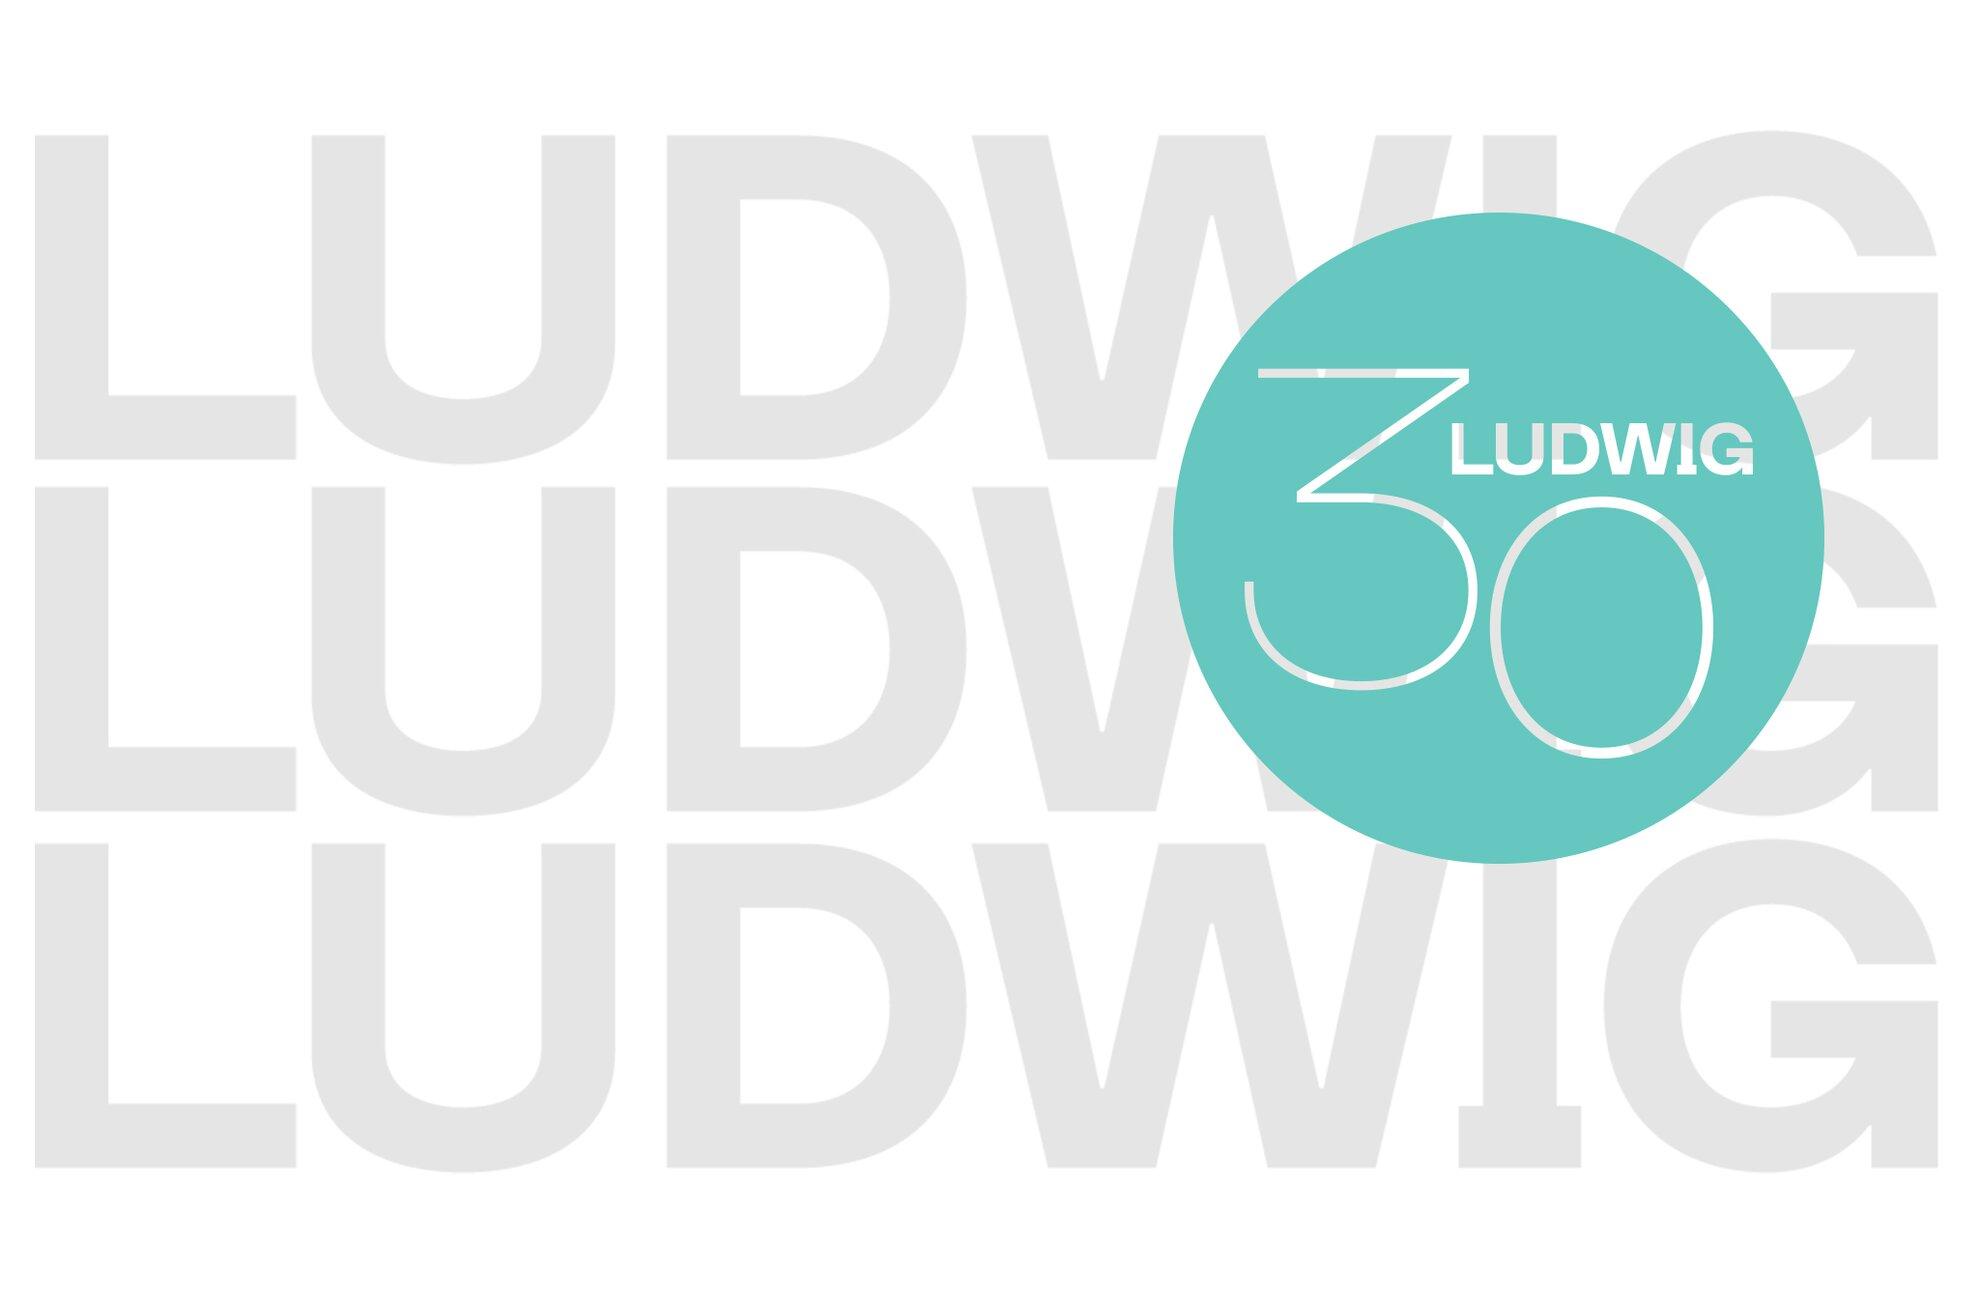 Ludwig 30 - Mindig kortárs